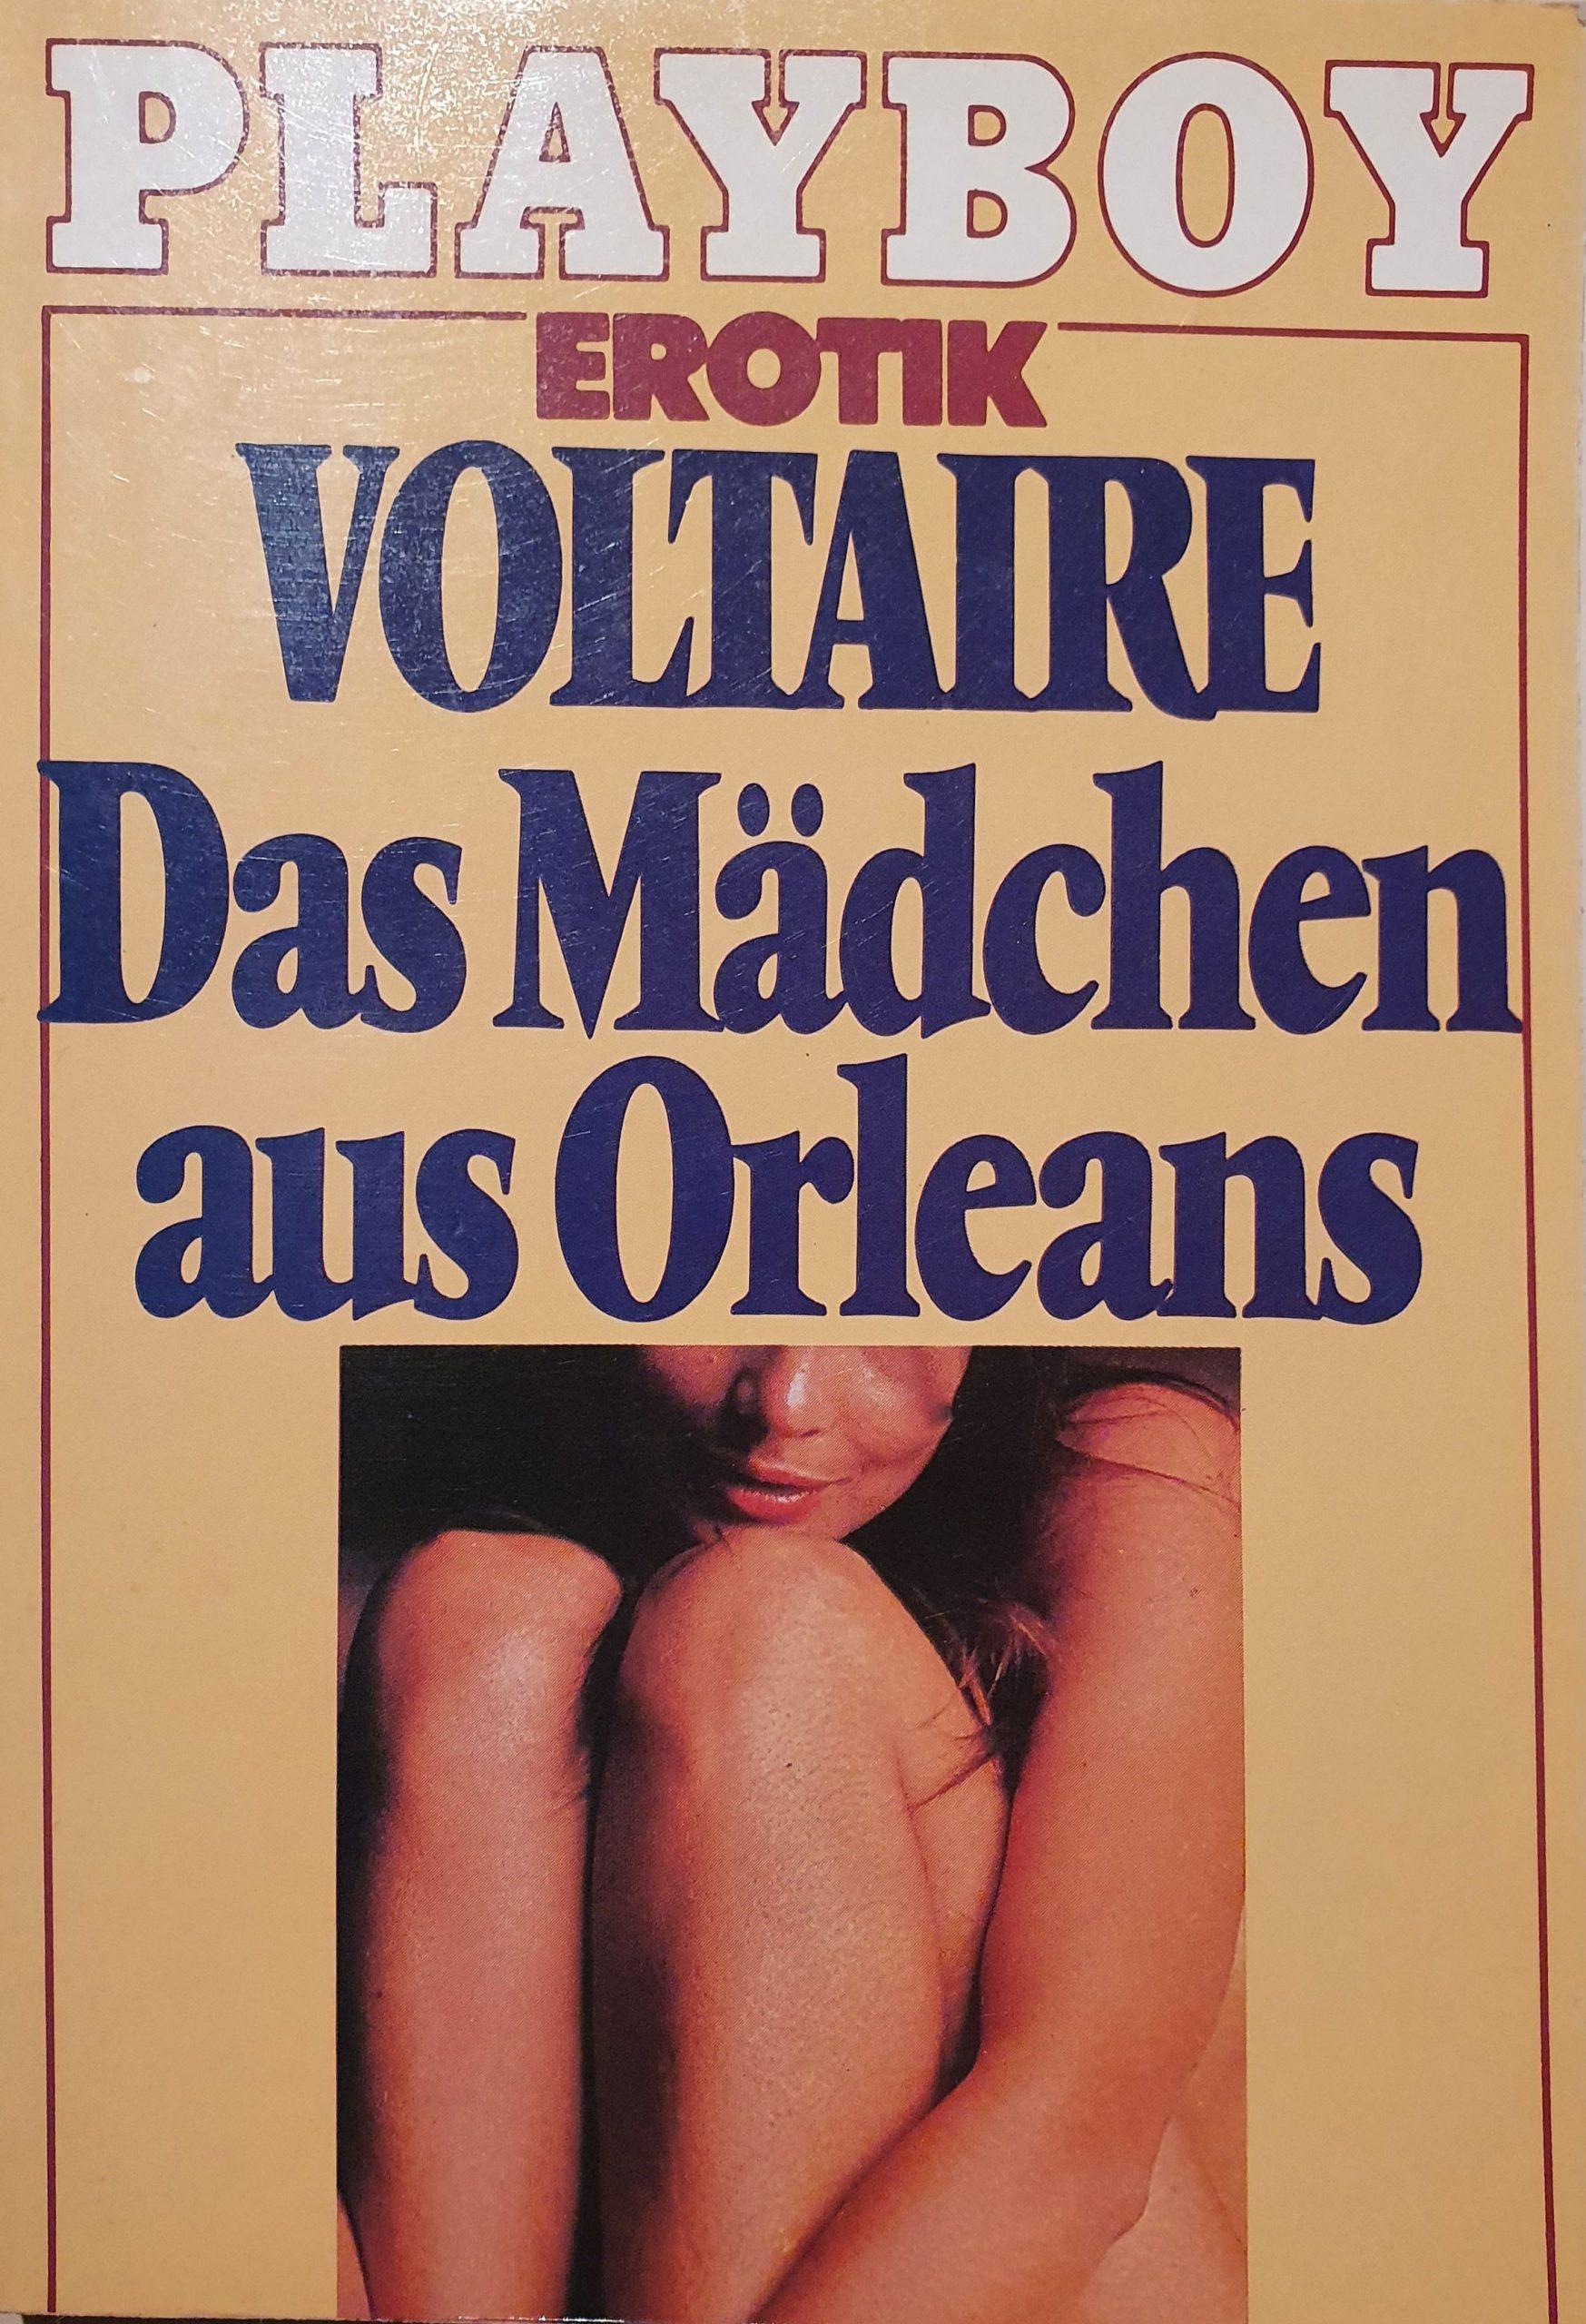 Voltaire La Pucelle d'Orleans